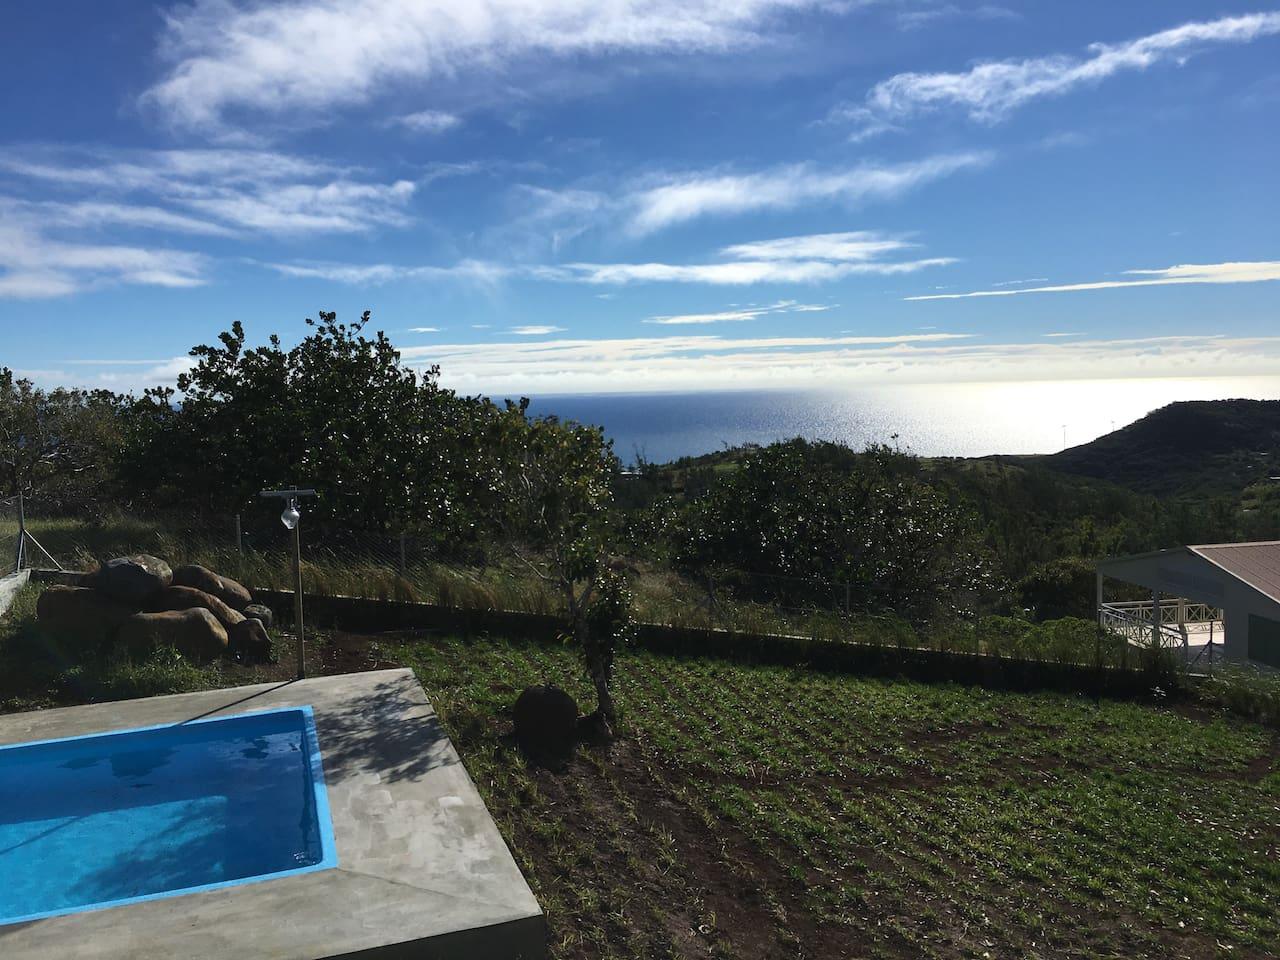 Pool + seaview